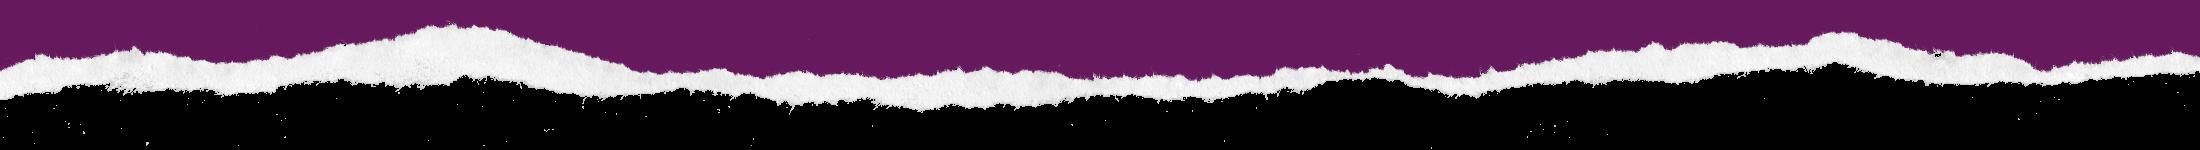 PaperRip Top Purple1